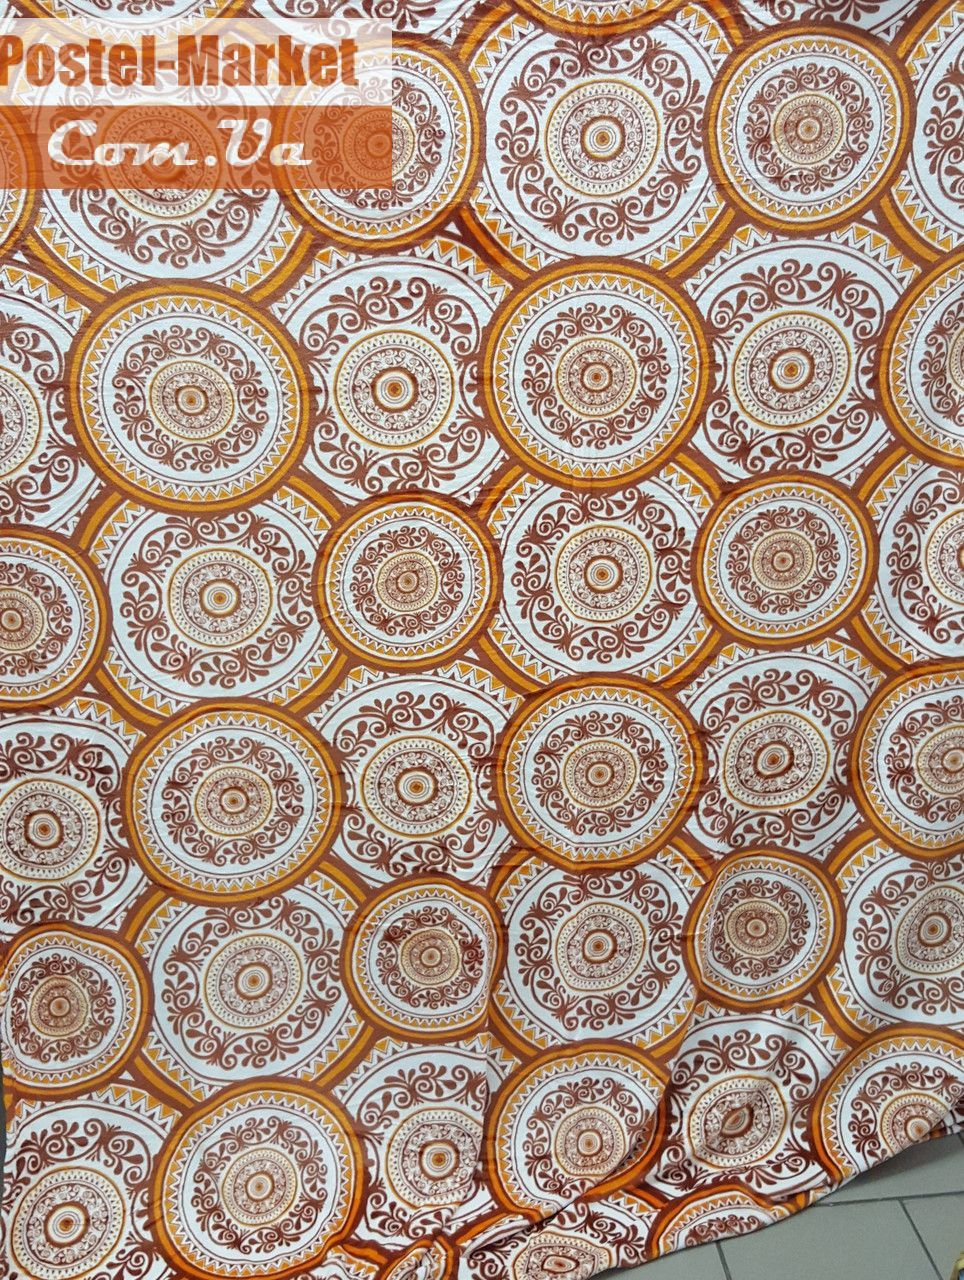 Плед из микрофибры 200х220 V11. Купить Плед из микрофибры 200х220 V11 в интернет магазине Постель маркет (Киев, Украина)